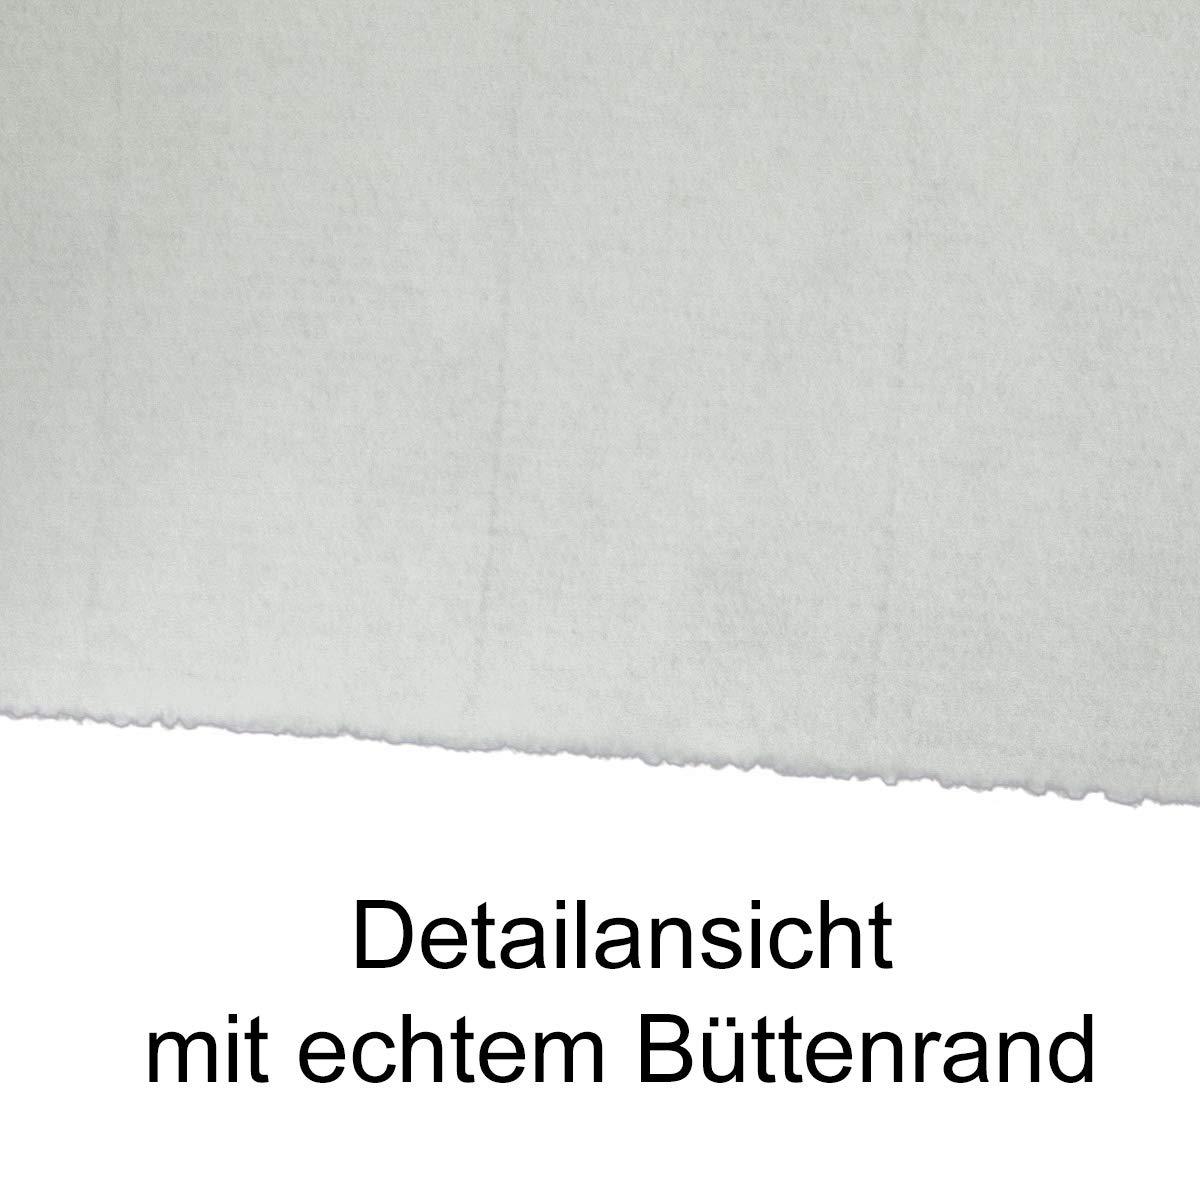 200x echtes Bütten-Papier DIN A4 Brief-Papier - - - ohne Wasserzeichen - Vintage-Papier handgemacht, 210 x 297 mm, Naturweiß - von Zerkall Bütten B07GT1PKND | Guter Markt  aebfef